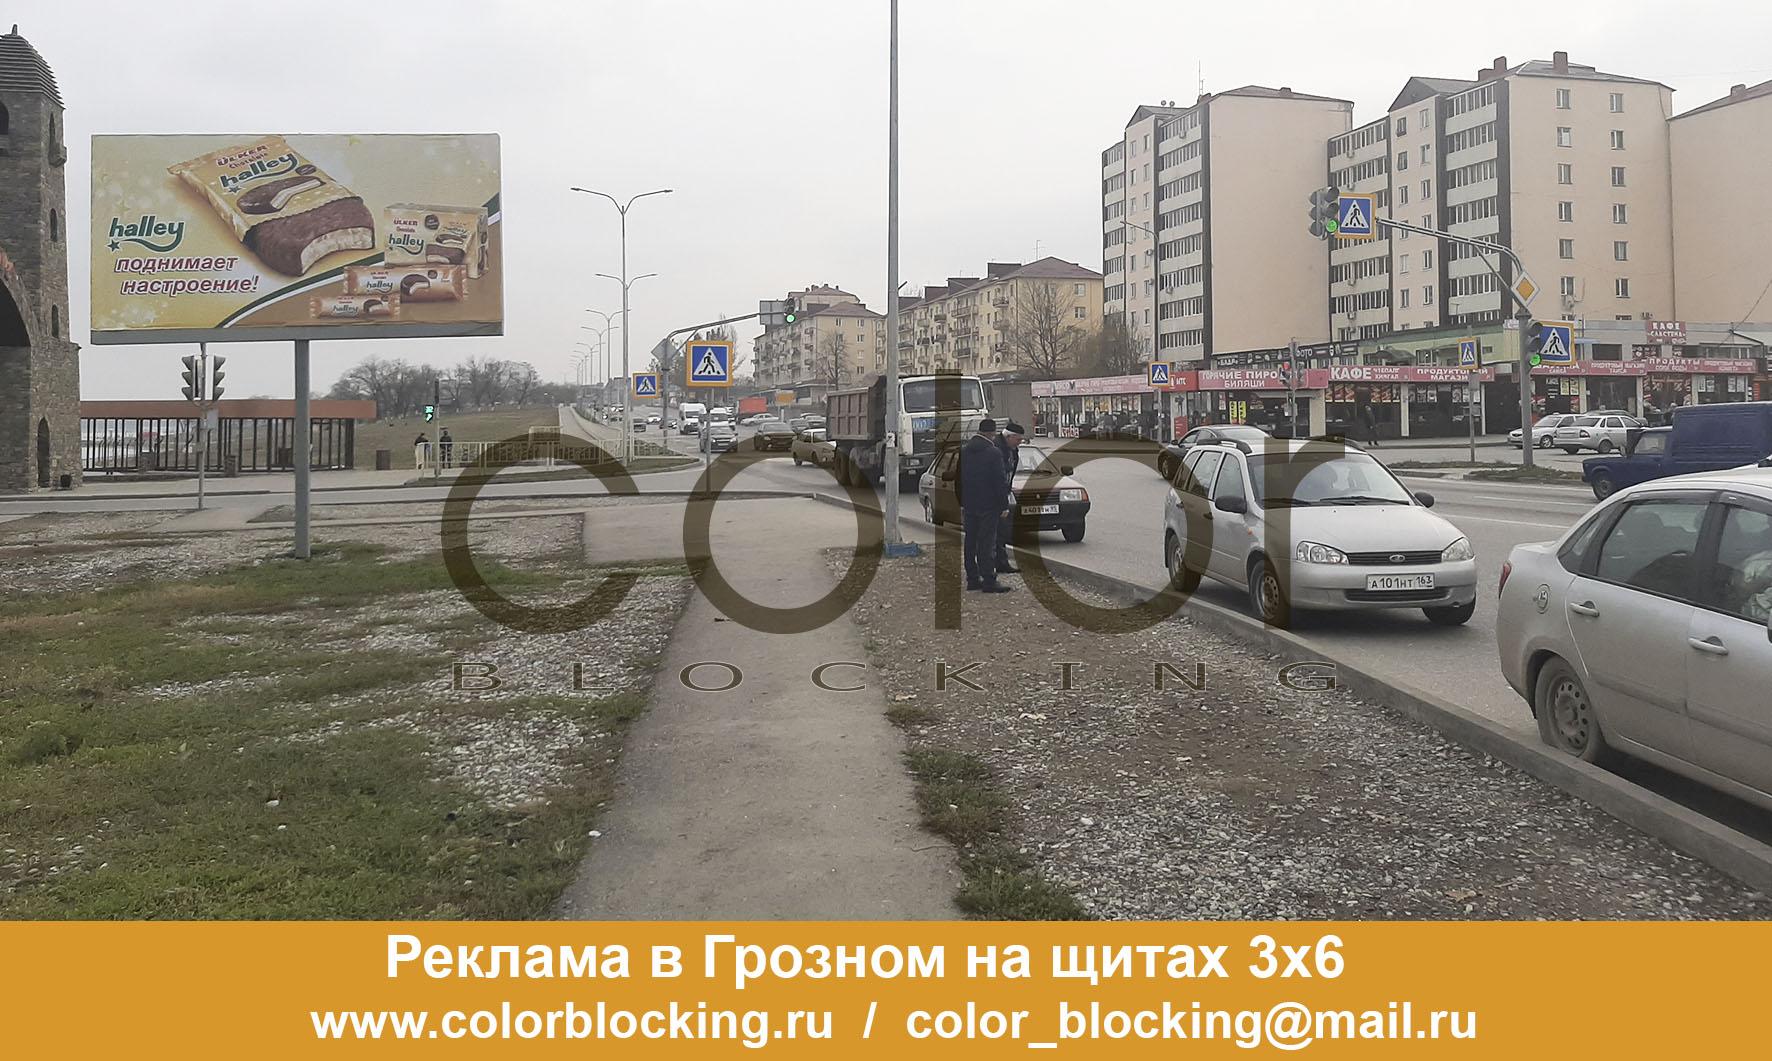 Реклама в Грозном на щитах 3х6 черноречье